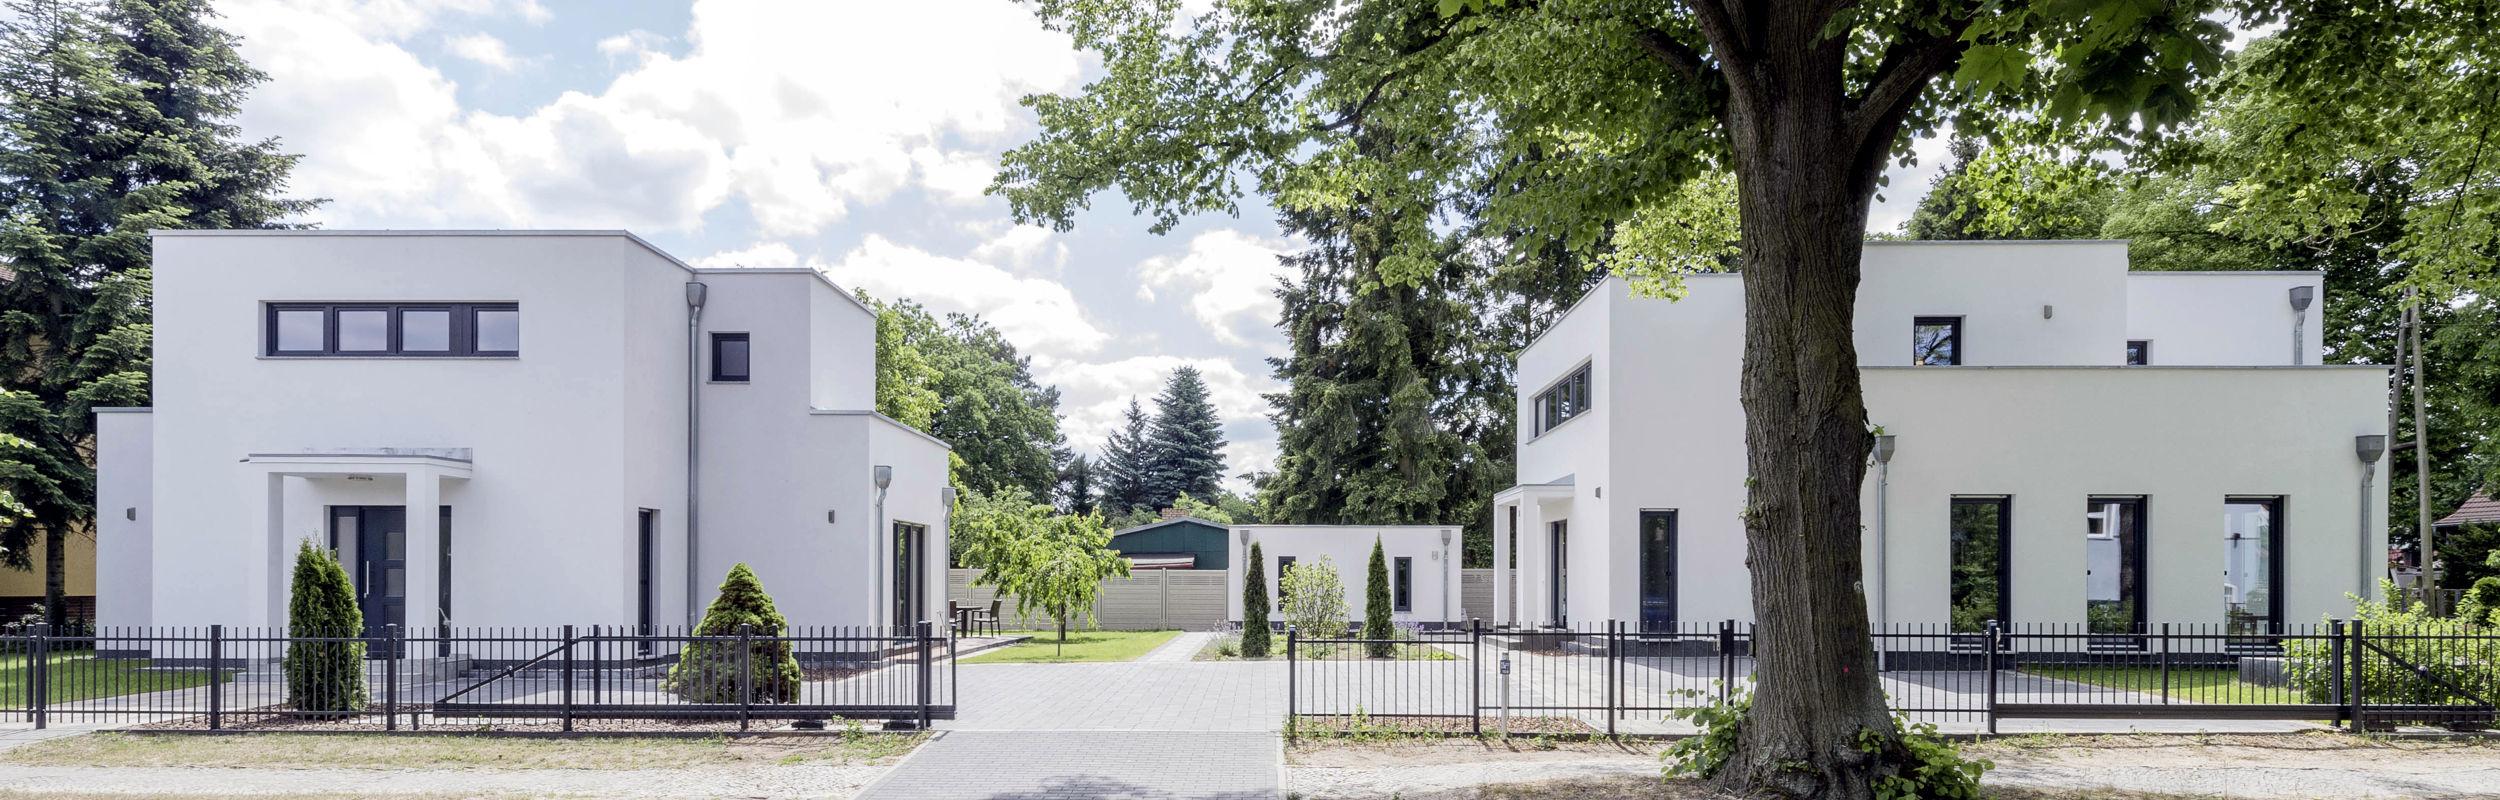 Hausbau in Deutschland - ARGE-HAUS Hausbau